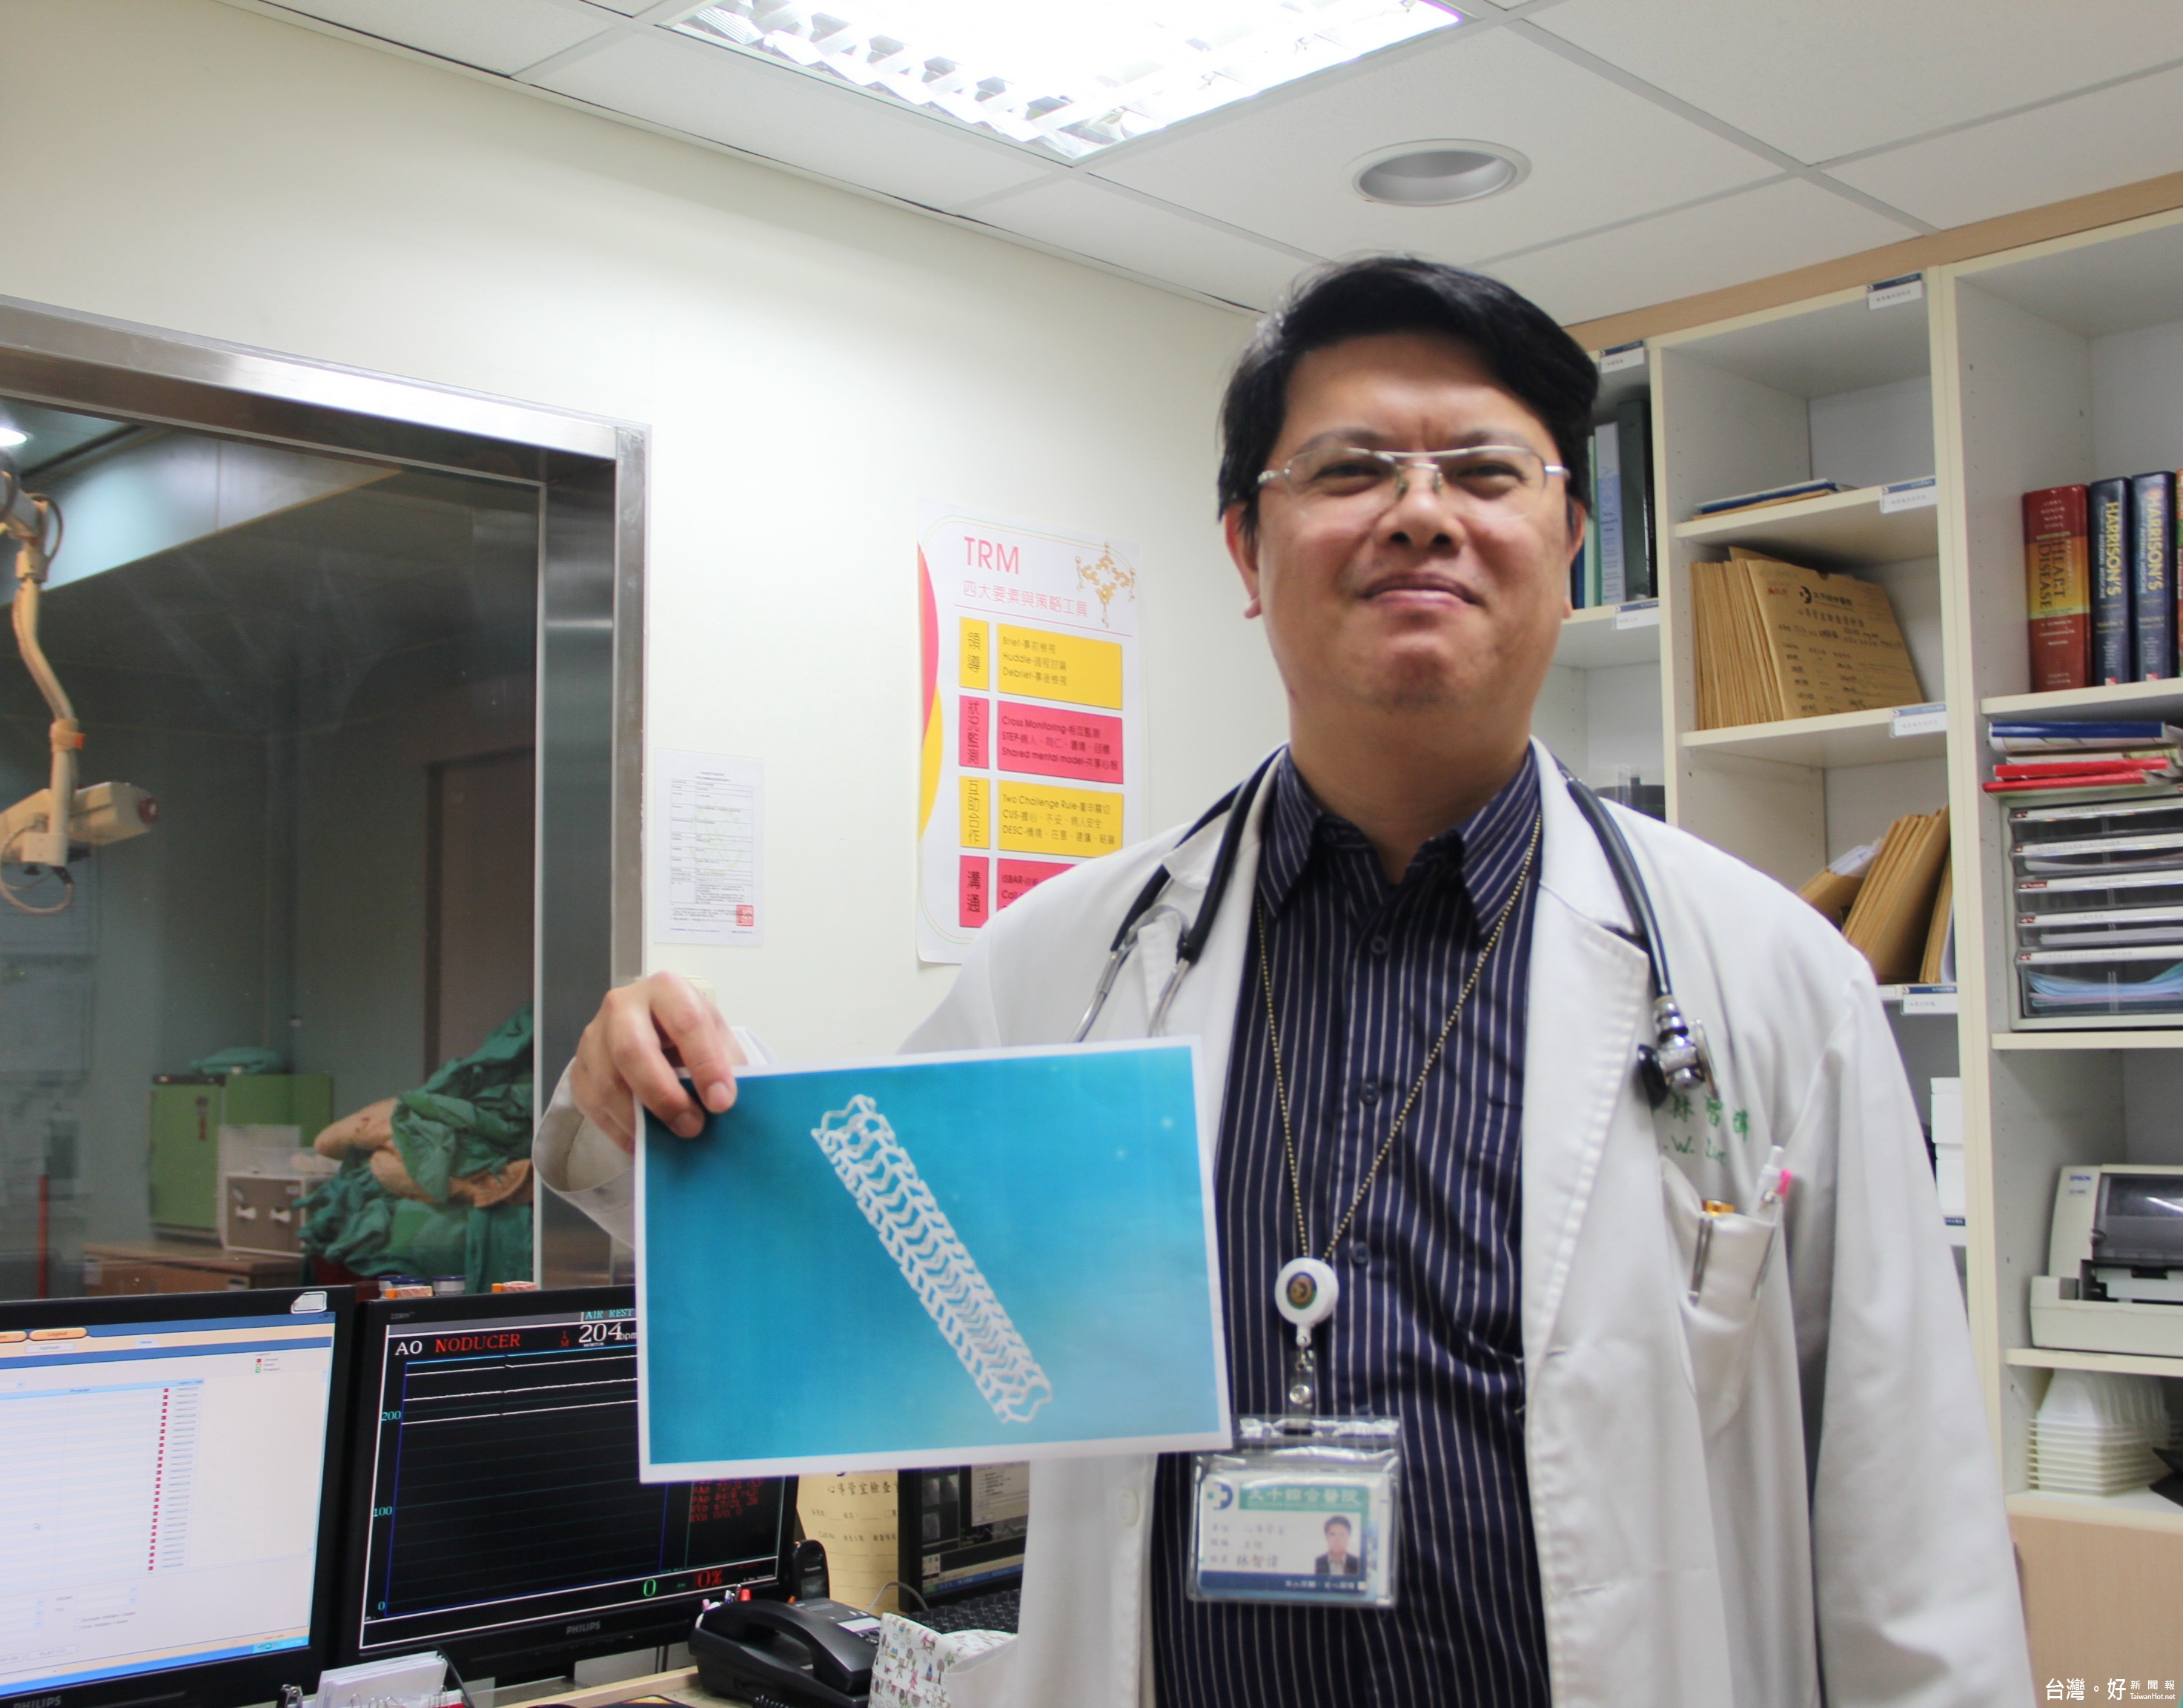 冠心病患者福音 全吸收式生物血管模架助減身體負擔